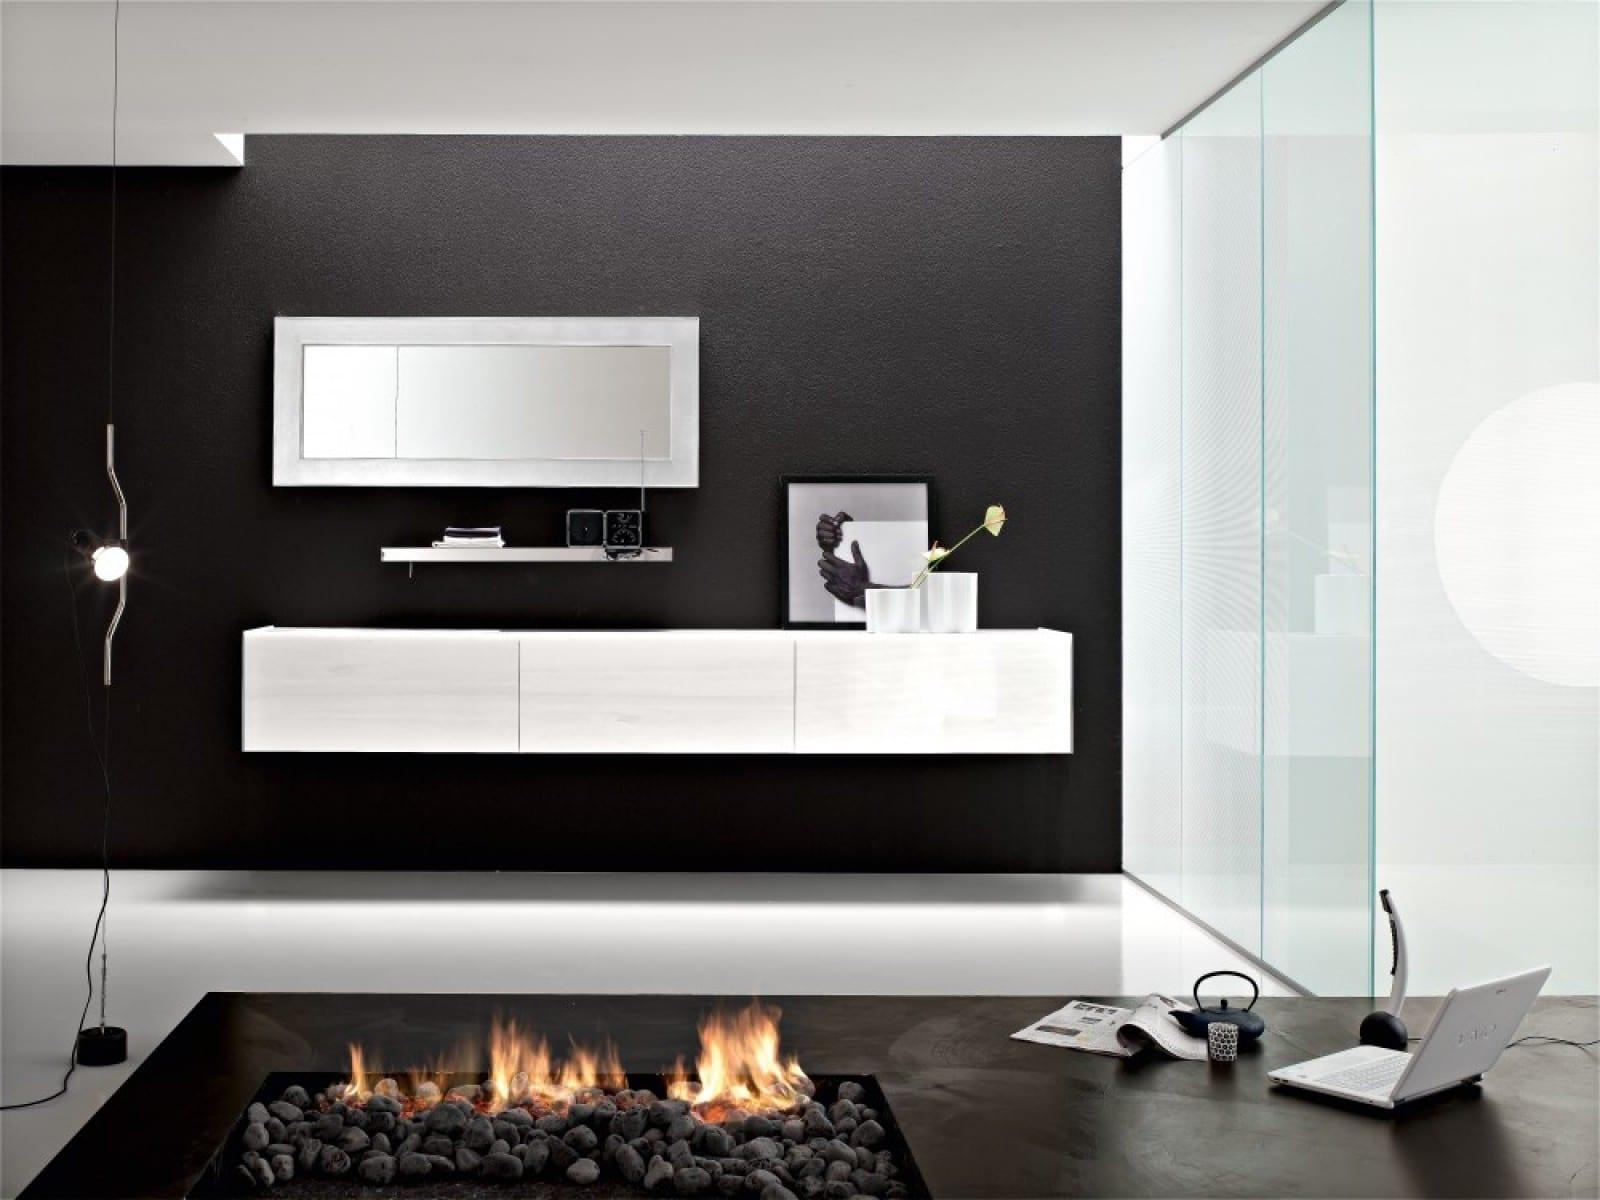 Bathroom Color Ideas 2014 Dise 241 O De Cuartos De Ba 241 O Modernos Fotos Construye Hogar